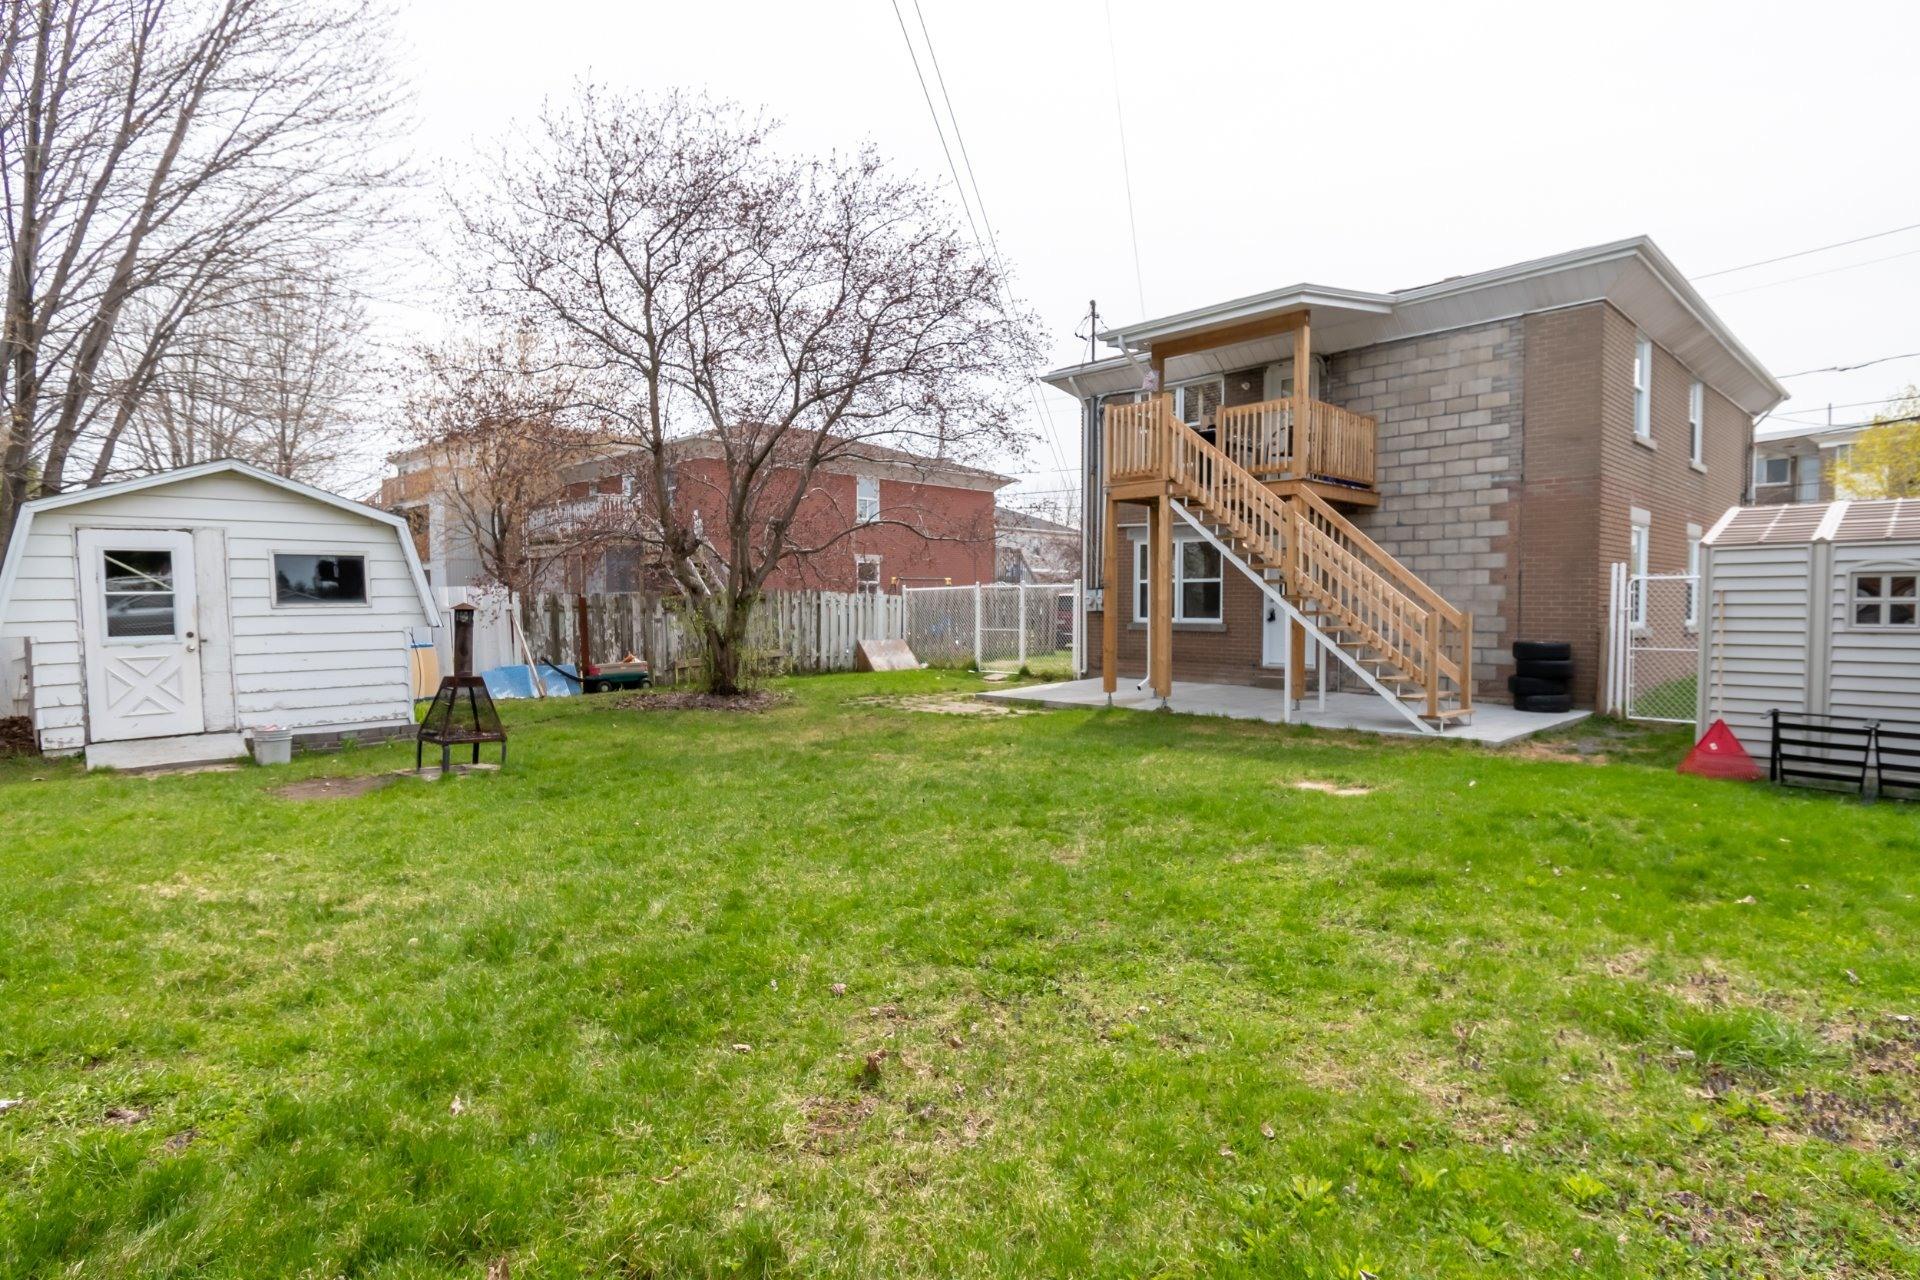 image 24 - Duplex For sale Trois-Rivières - 5 rooms